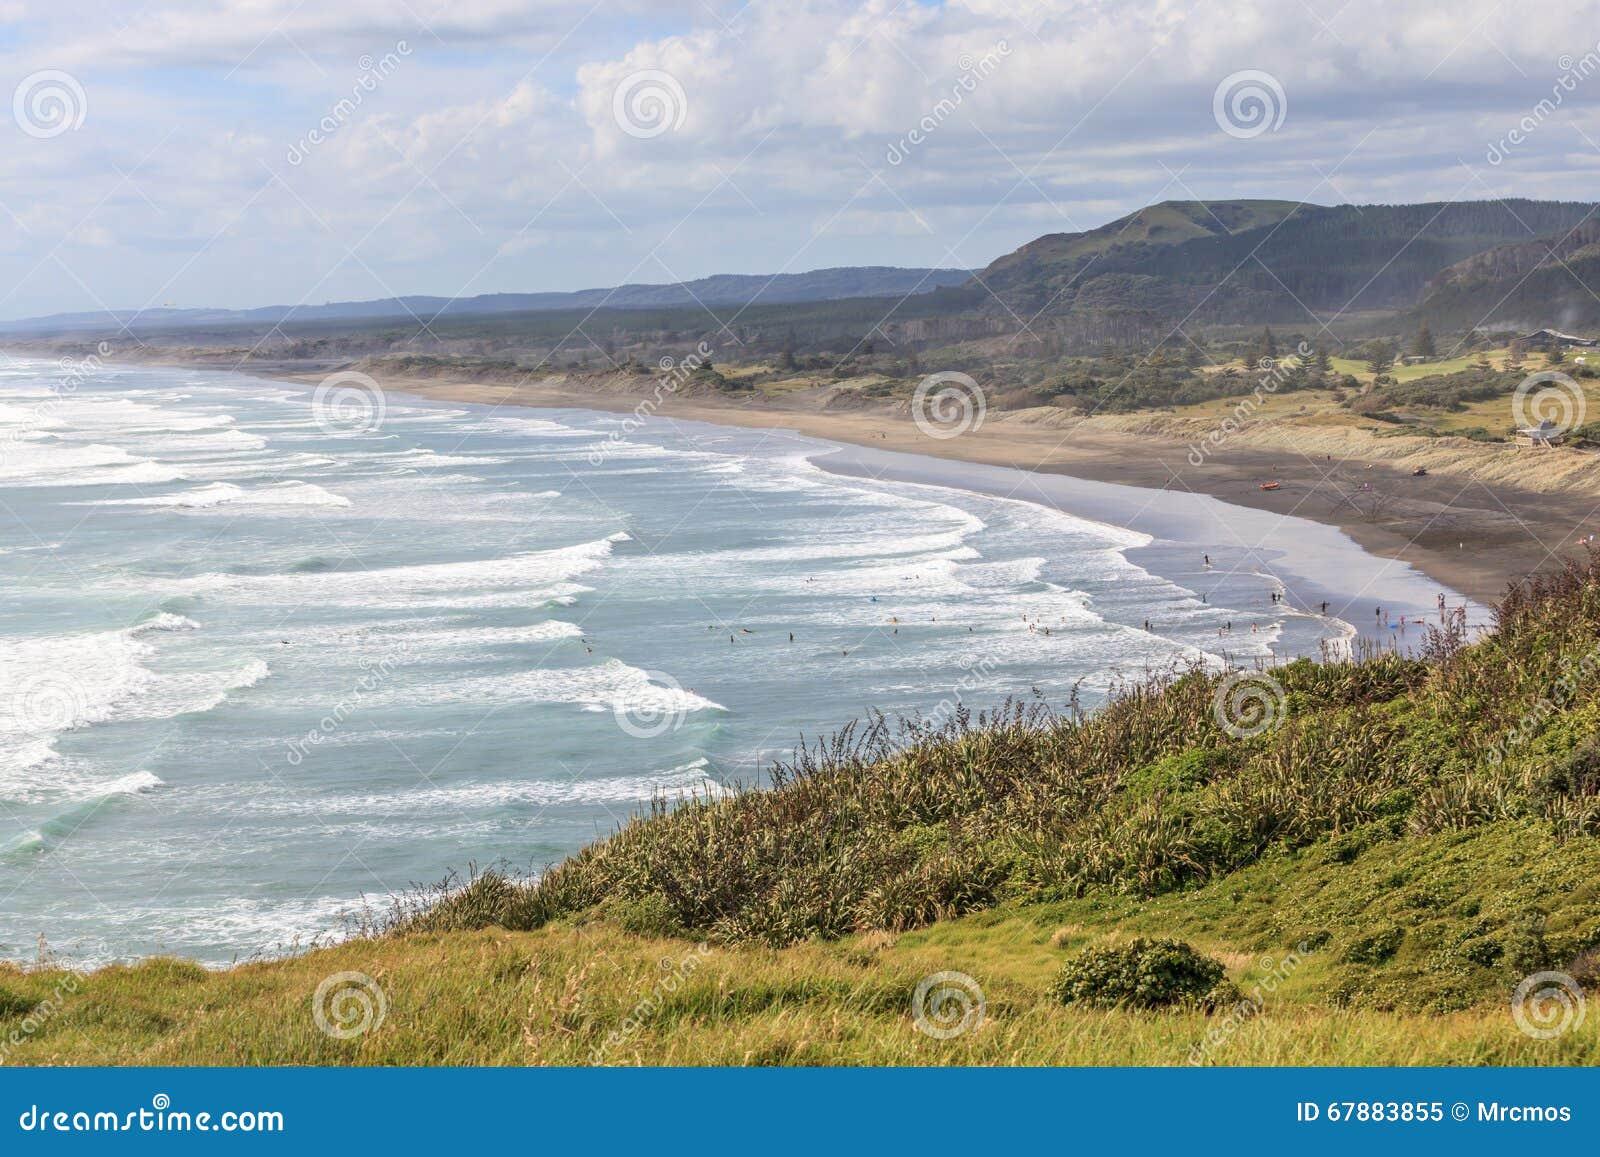 平安的风景海景,旅游业的旅行的目的地